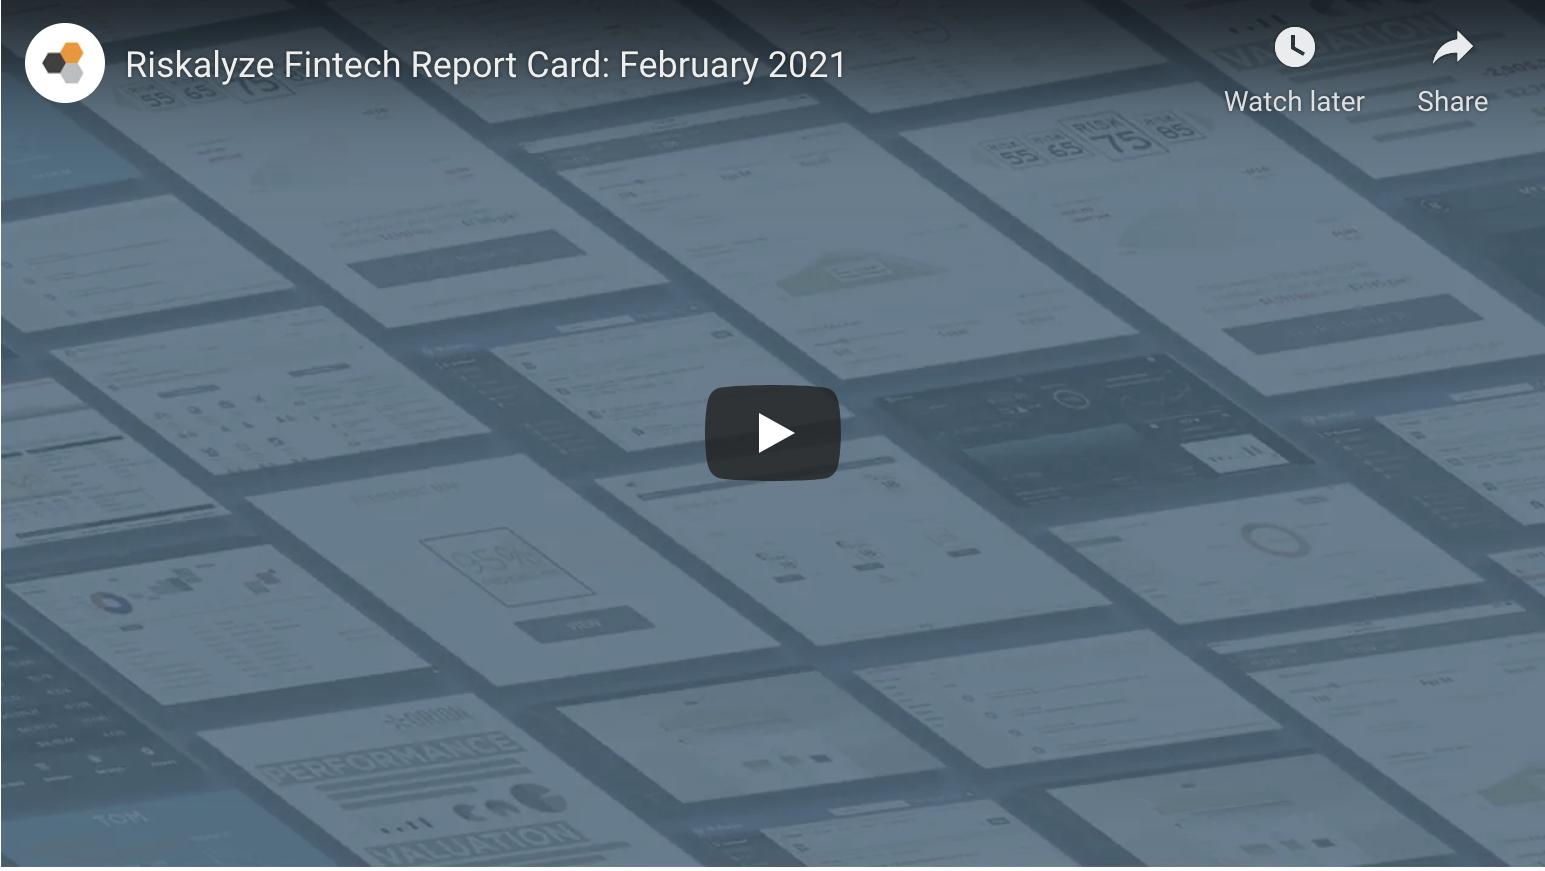 Feb 2021 Fintech Report Card